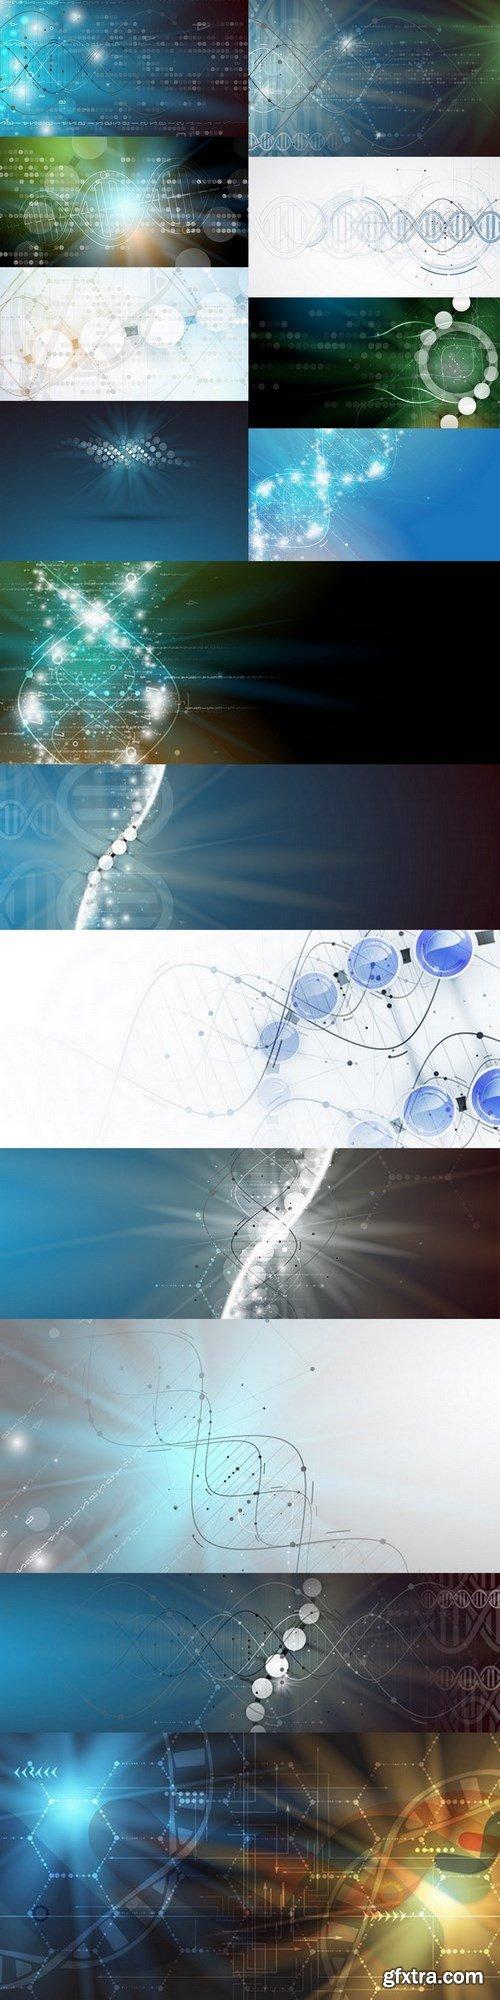 DNA - 15 EPS Vector Stock